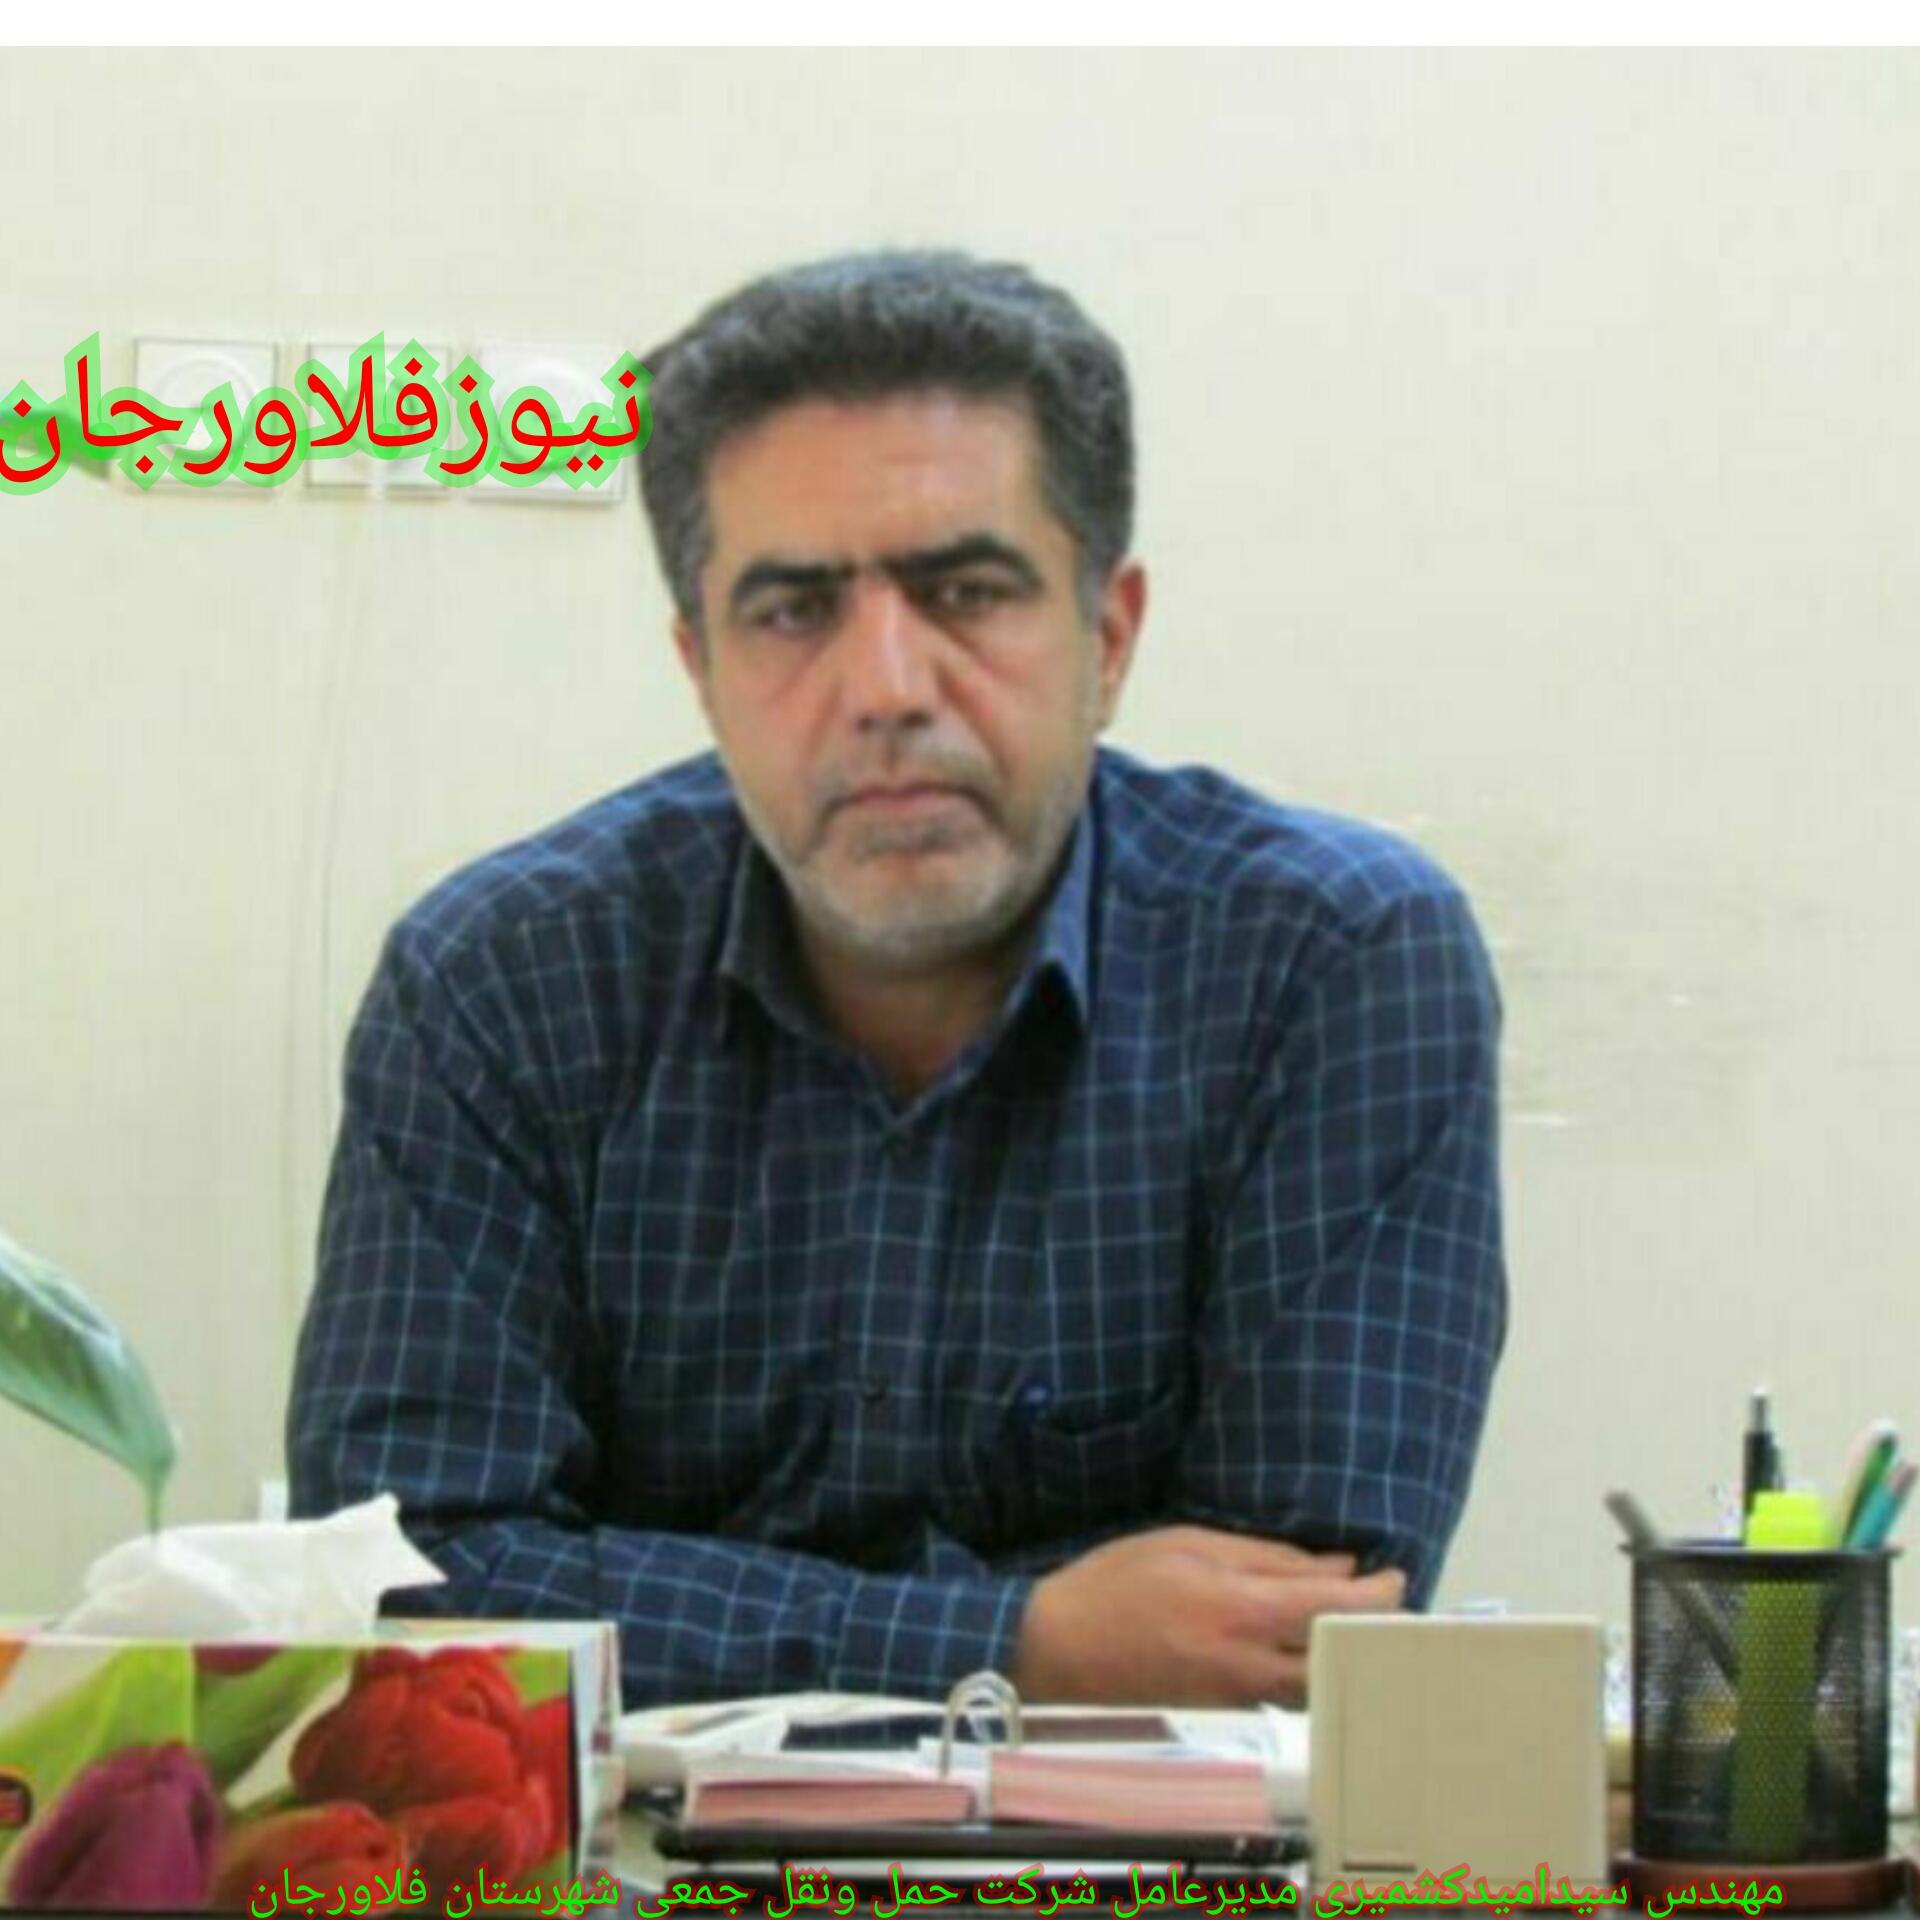 توزیع ۱۰هزارکارت اتوبوس مزین بانام کنگره ملی شهدای خط شکن شهرستان فلاورجان آغازشد